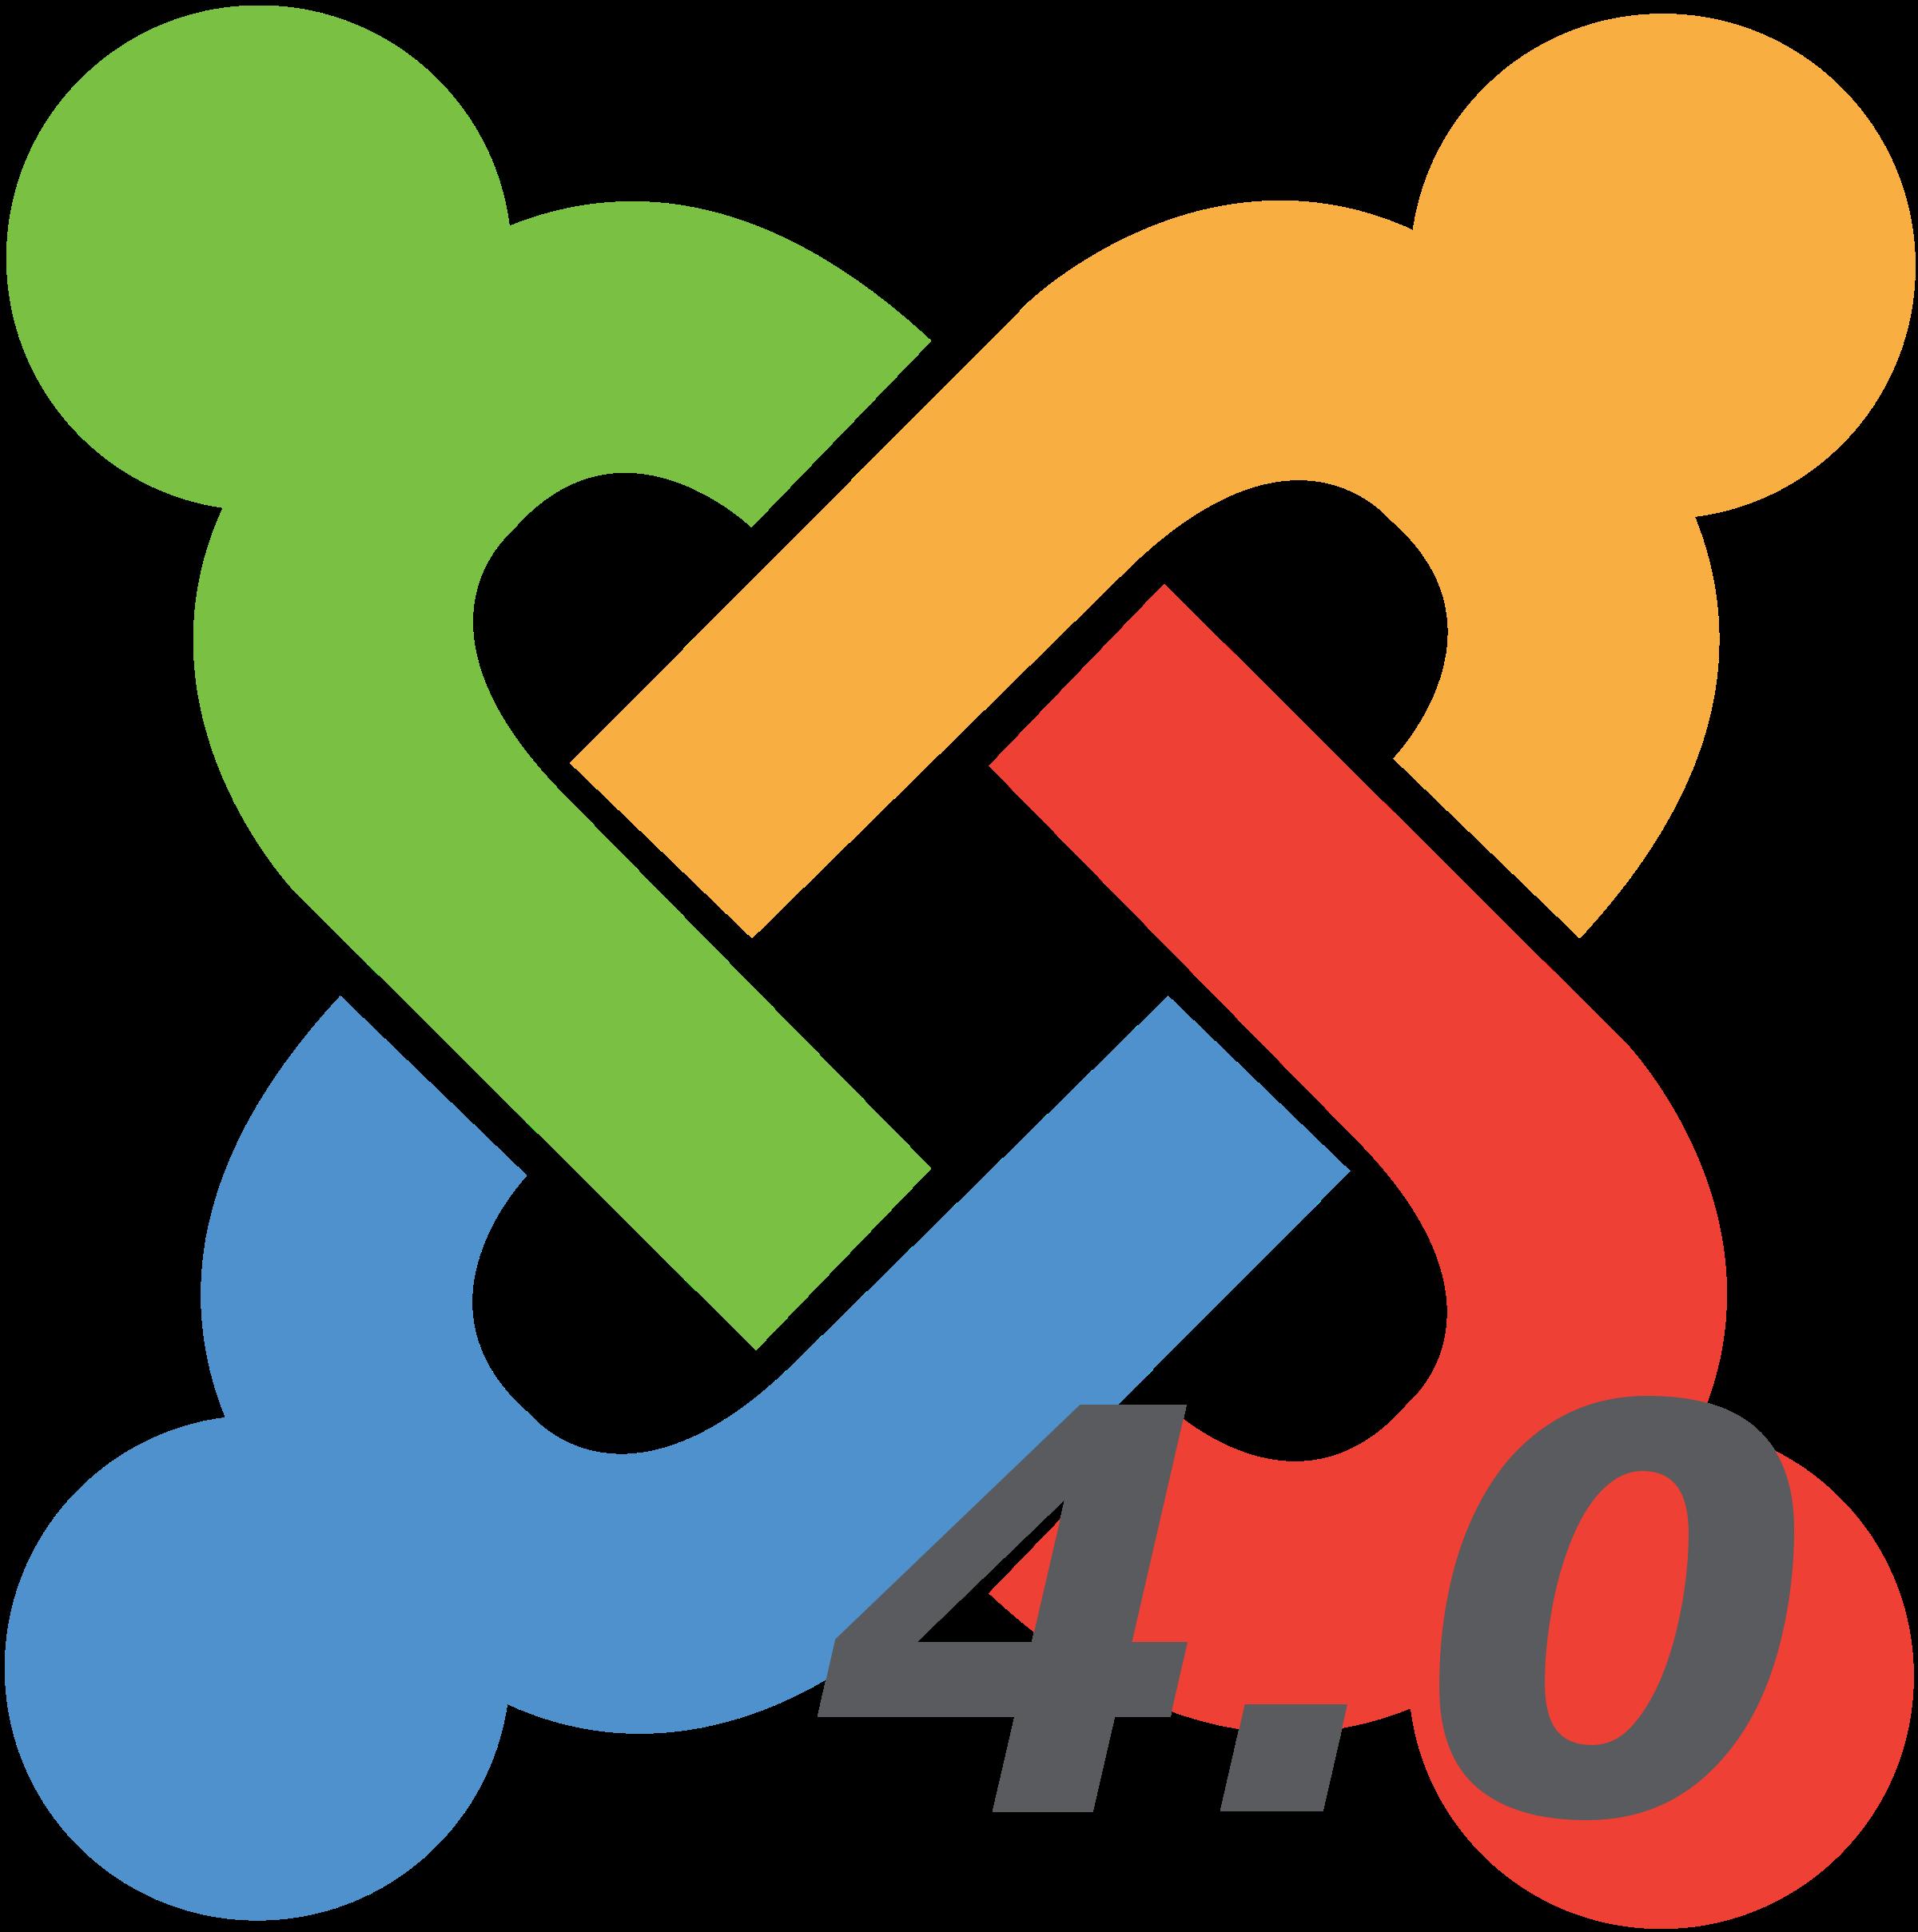 Joomla 4.0